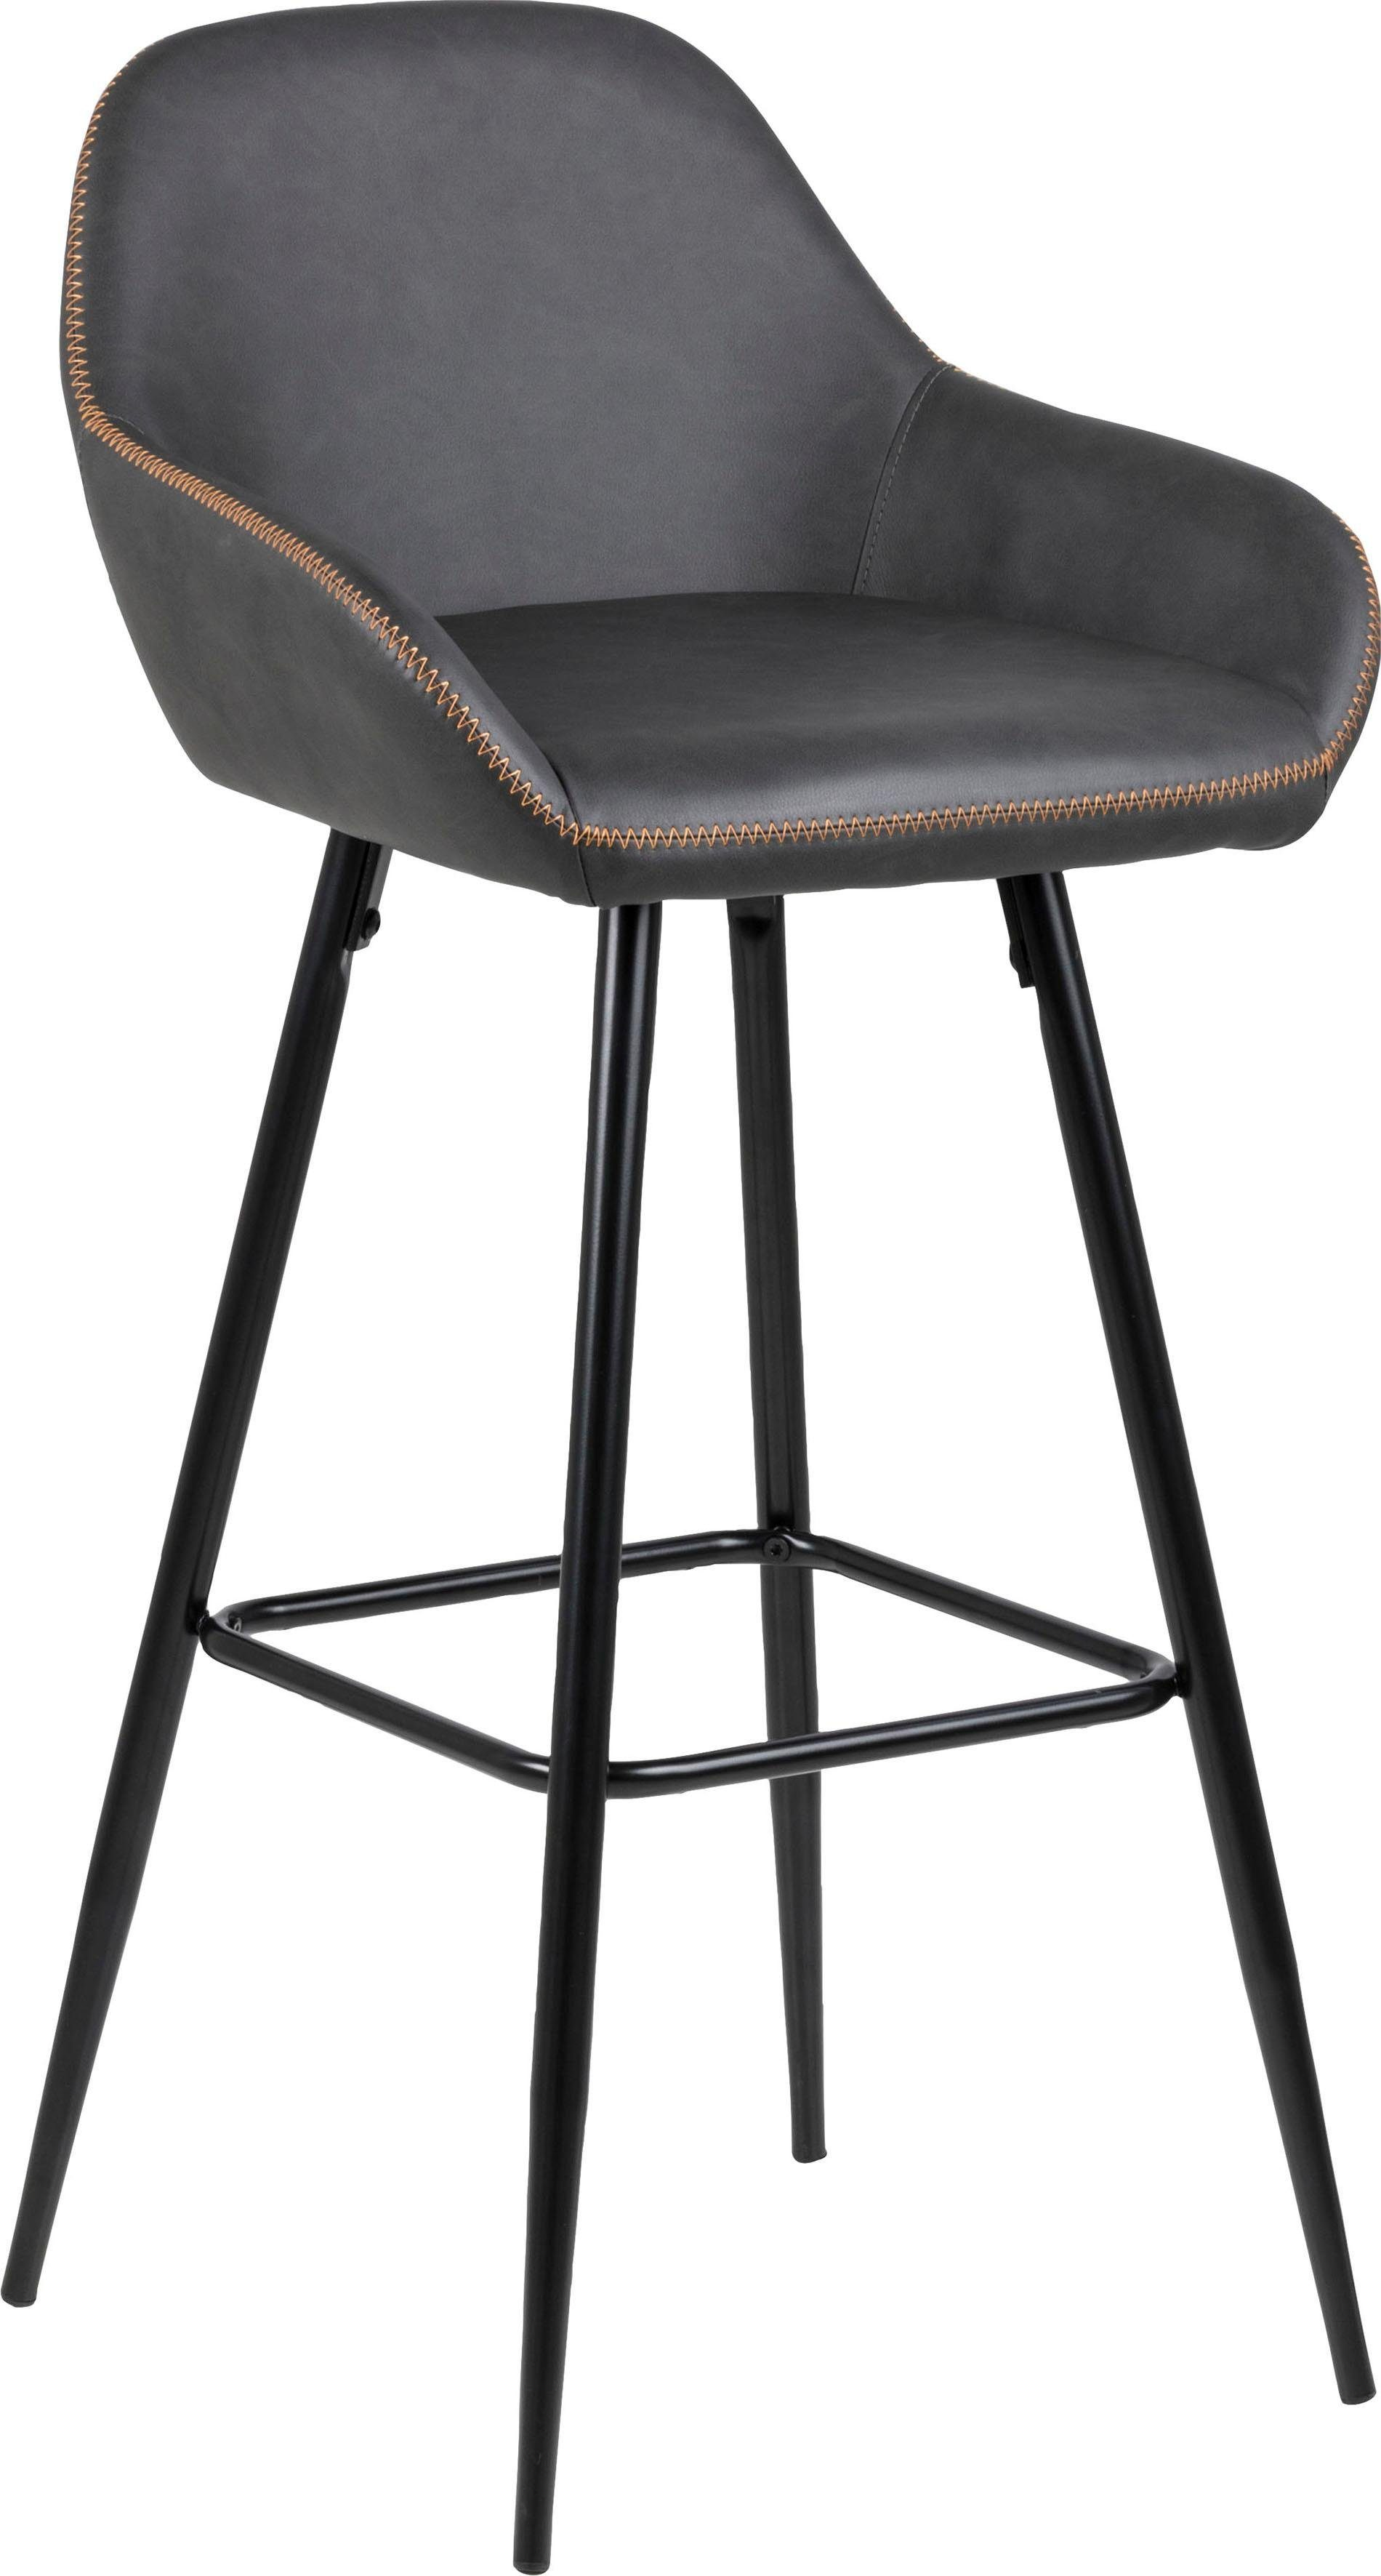 andas 2er-Barhockerset »Carla« mit schönem Metallgestell und bequemer Sitzpolsterung aus pflegeleichten Kunstleder, Sitzhöhe 76,5 cm